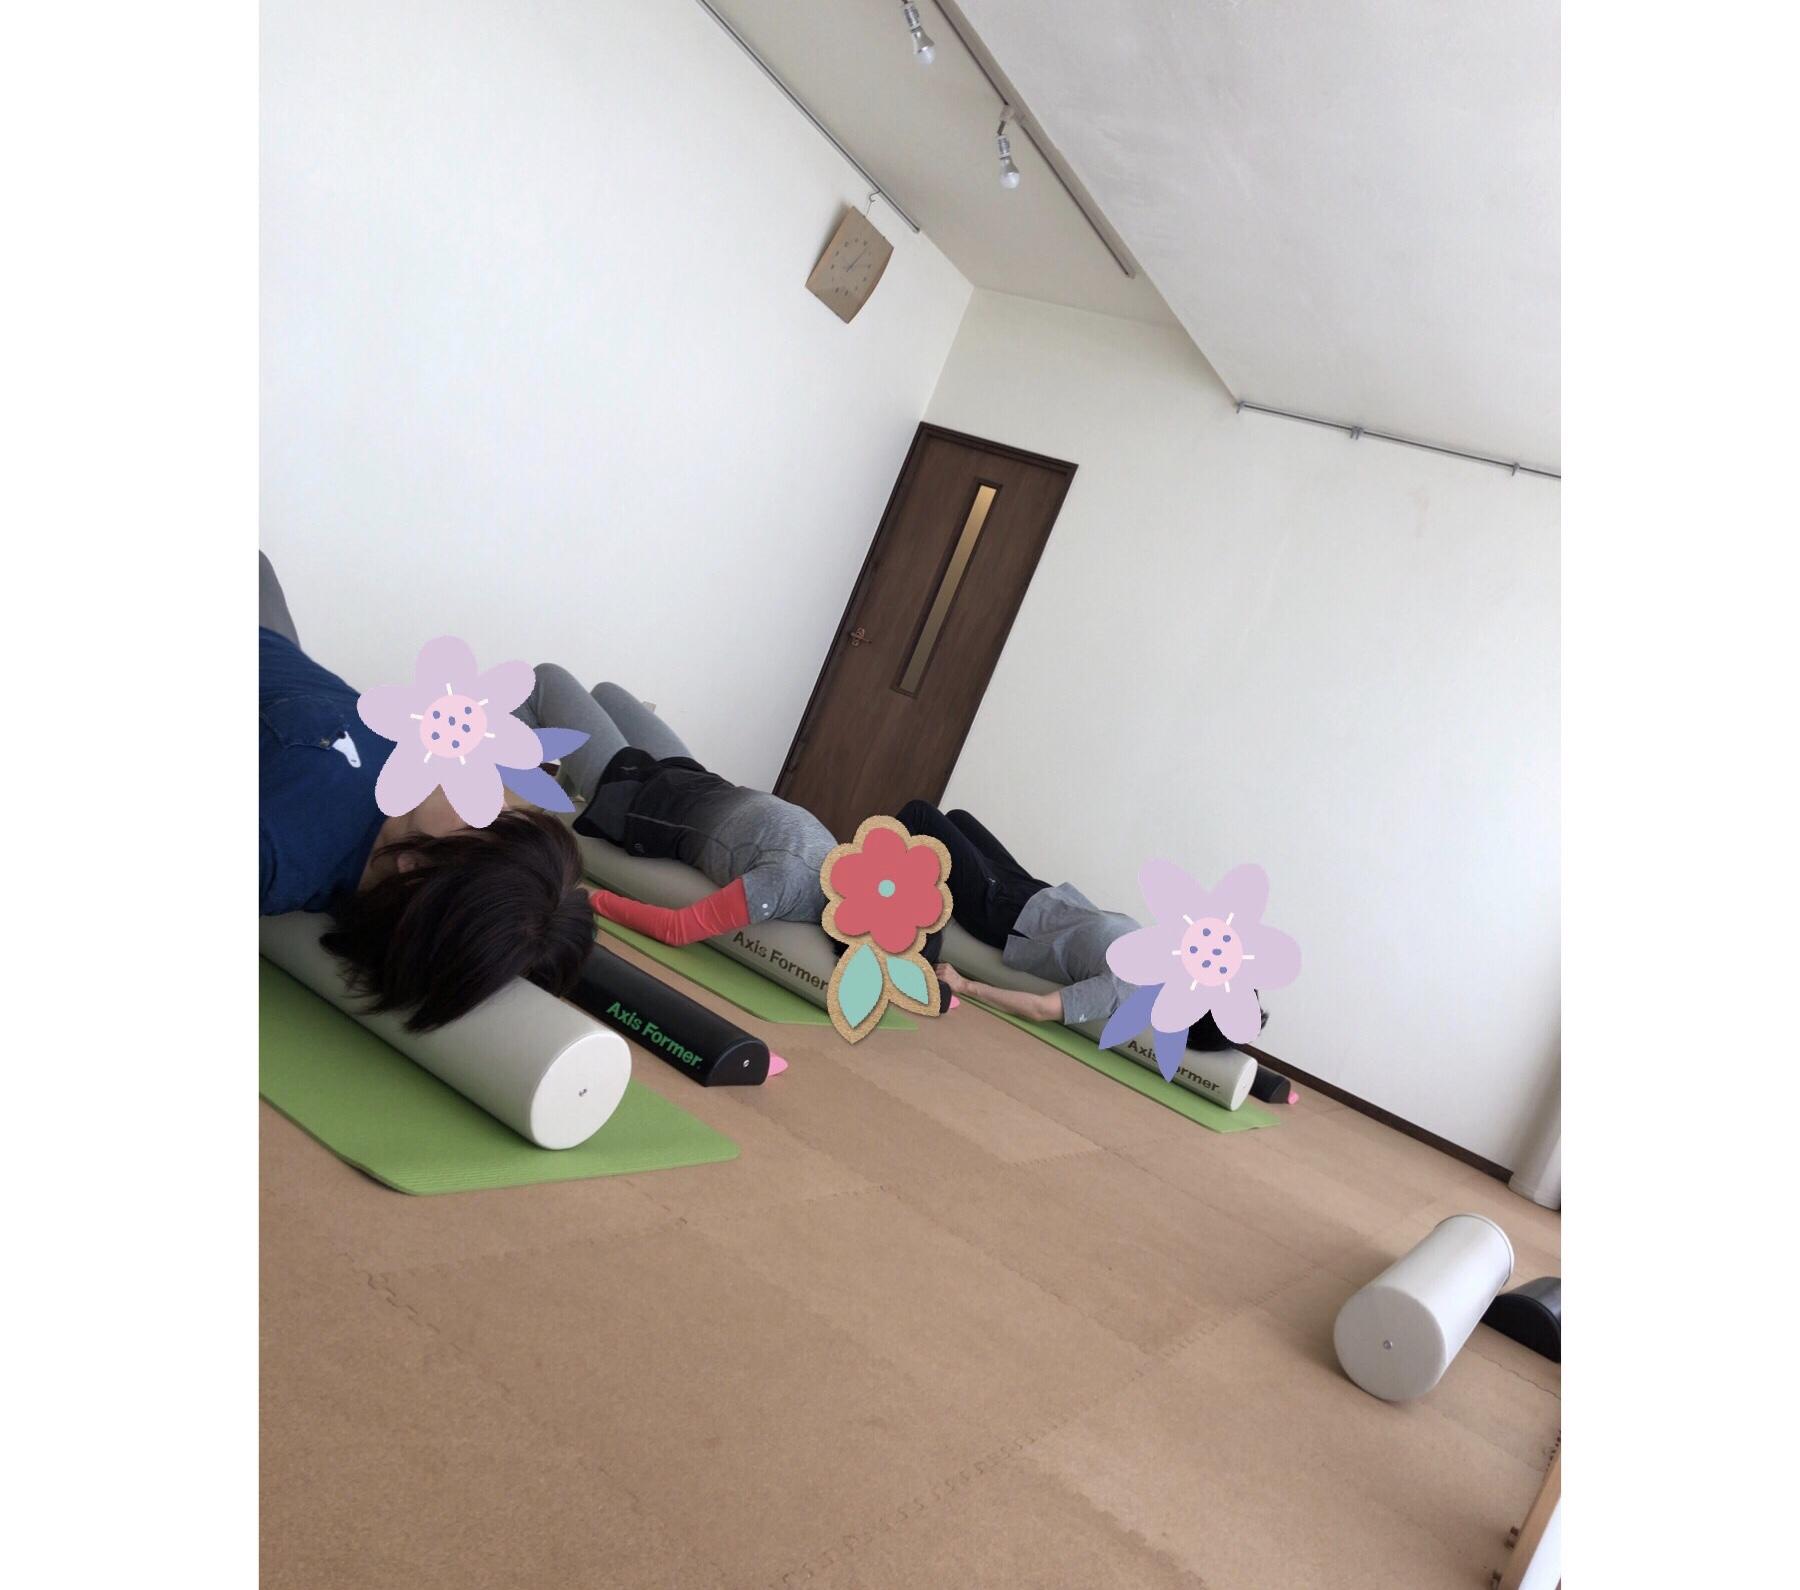 【札幌円山スタジオアウラ】2019年ゴールデンウィーク